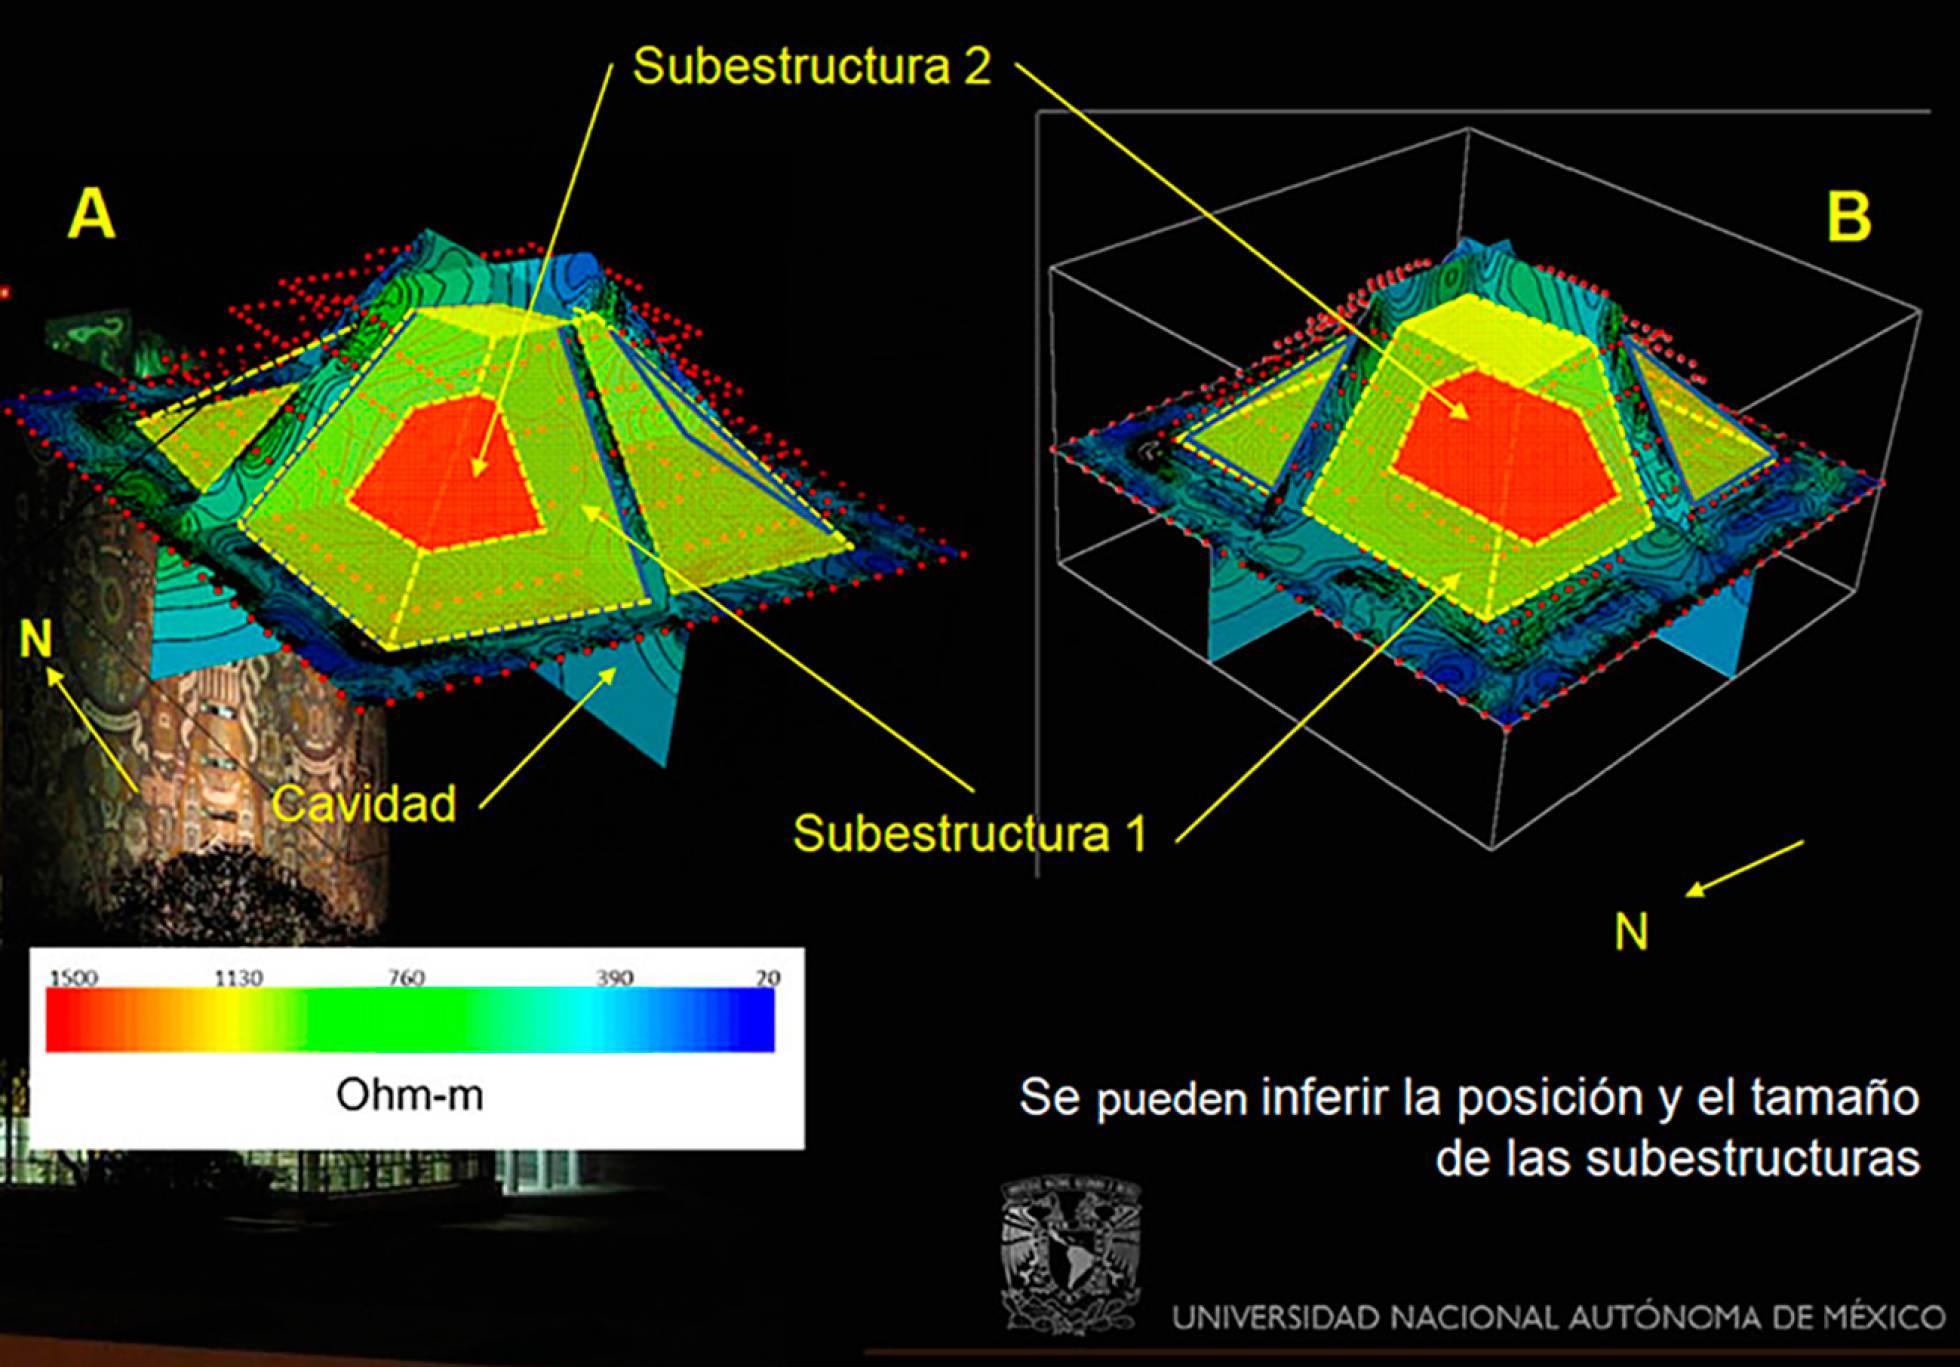 Tomografías eléctricas tridimensionales indican que la subestructura mediría 13 metros de alto, por 12 en dirección sur-norte y 18 en dirección este-oeste UNAM